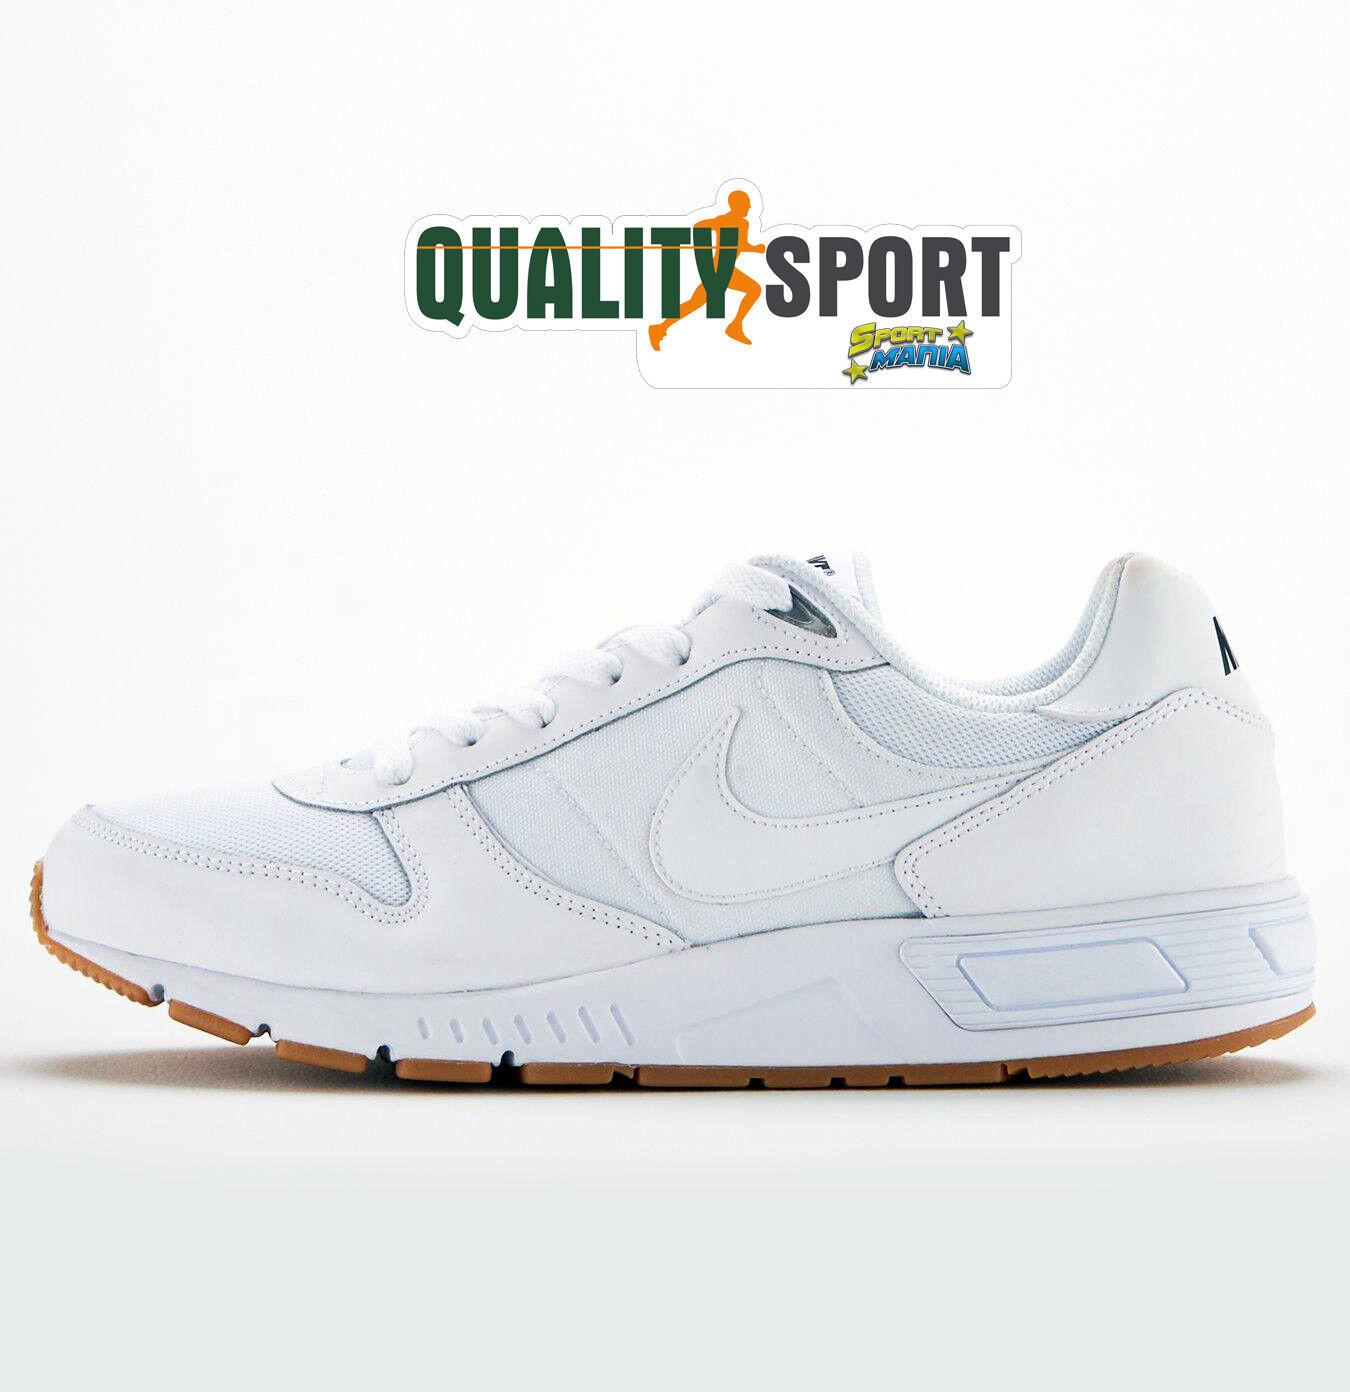 Nike Nightgazer Bianco Bianco Bianco shoes shoes men Sportive Sneakers 644402 101 ce4e3d